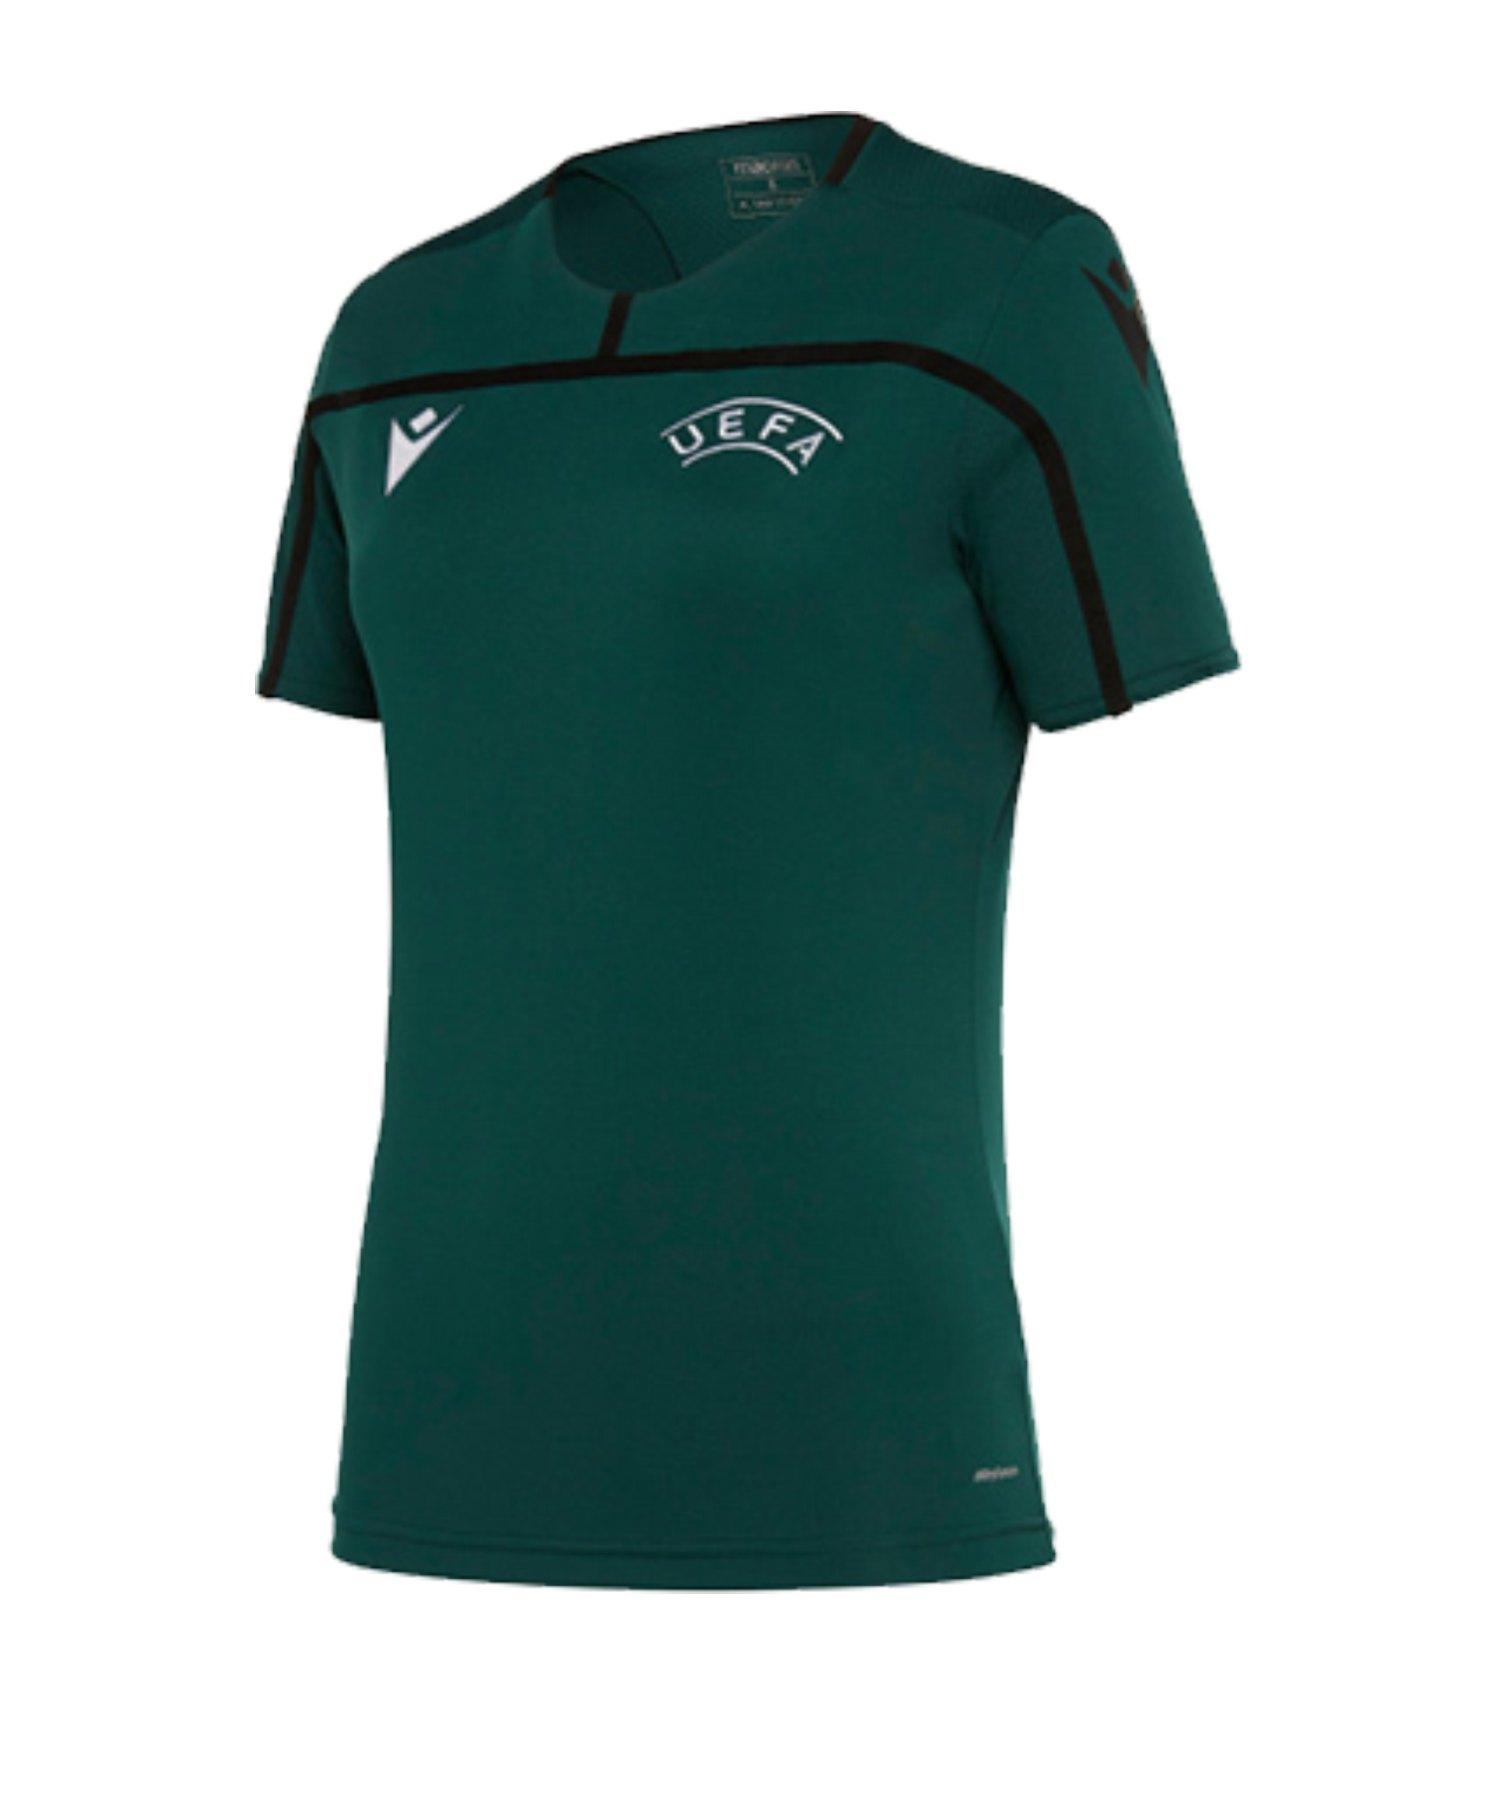 Macron UEFA Offizielles Trainingsshirt Damen Grün - gruen